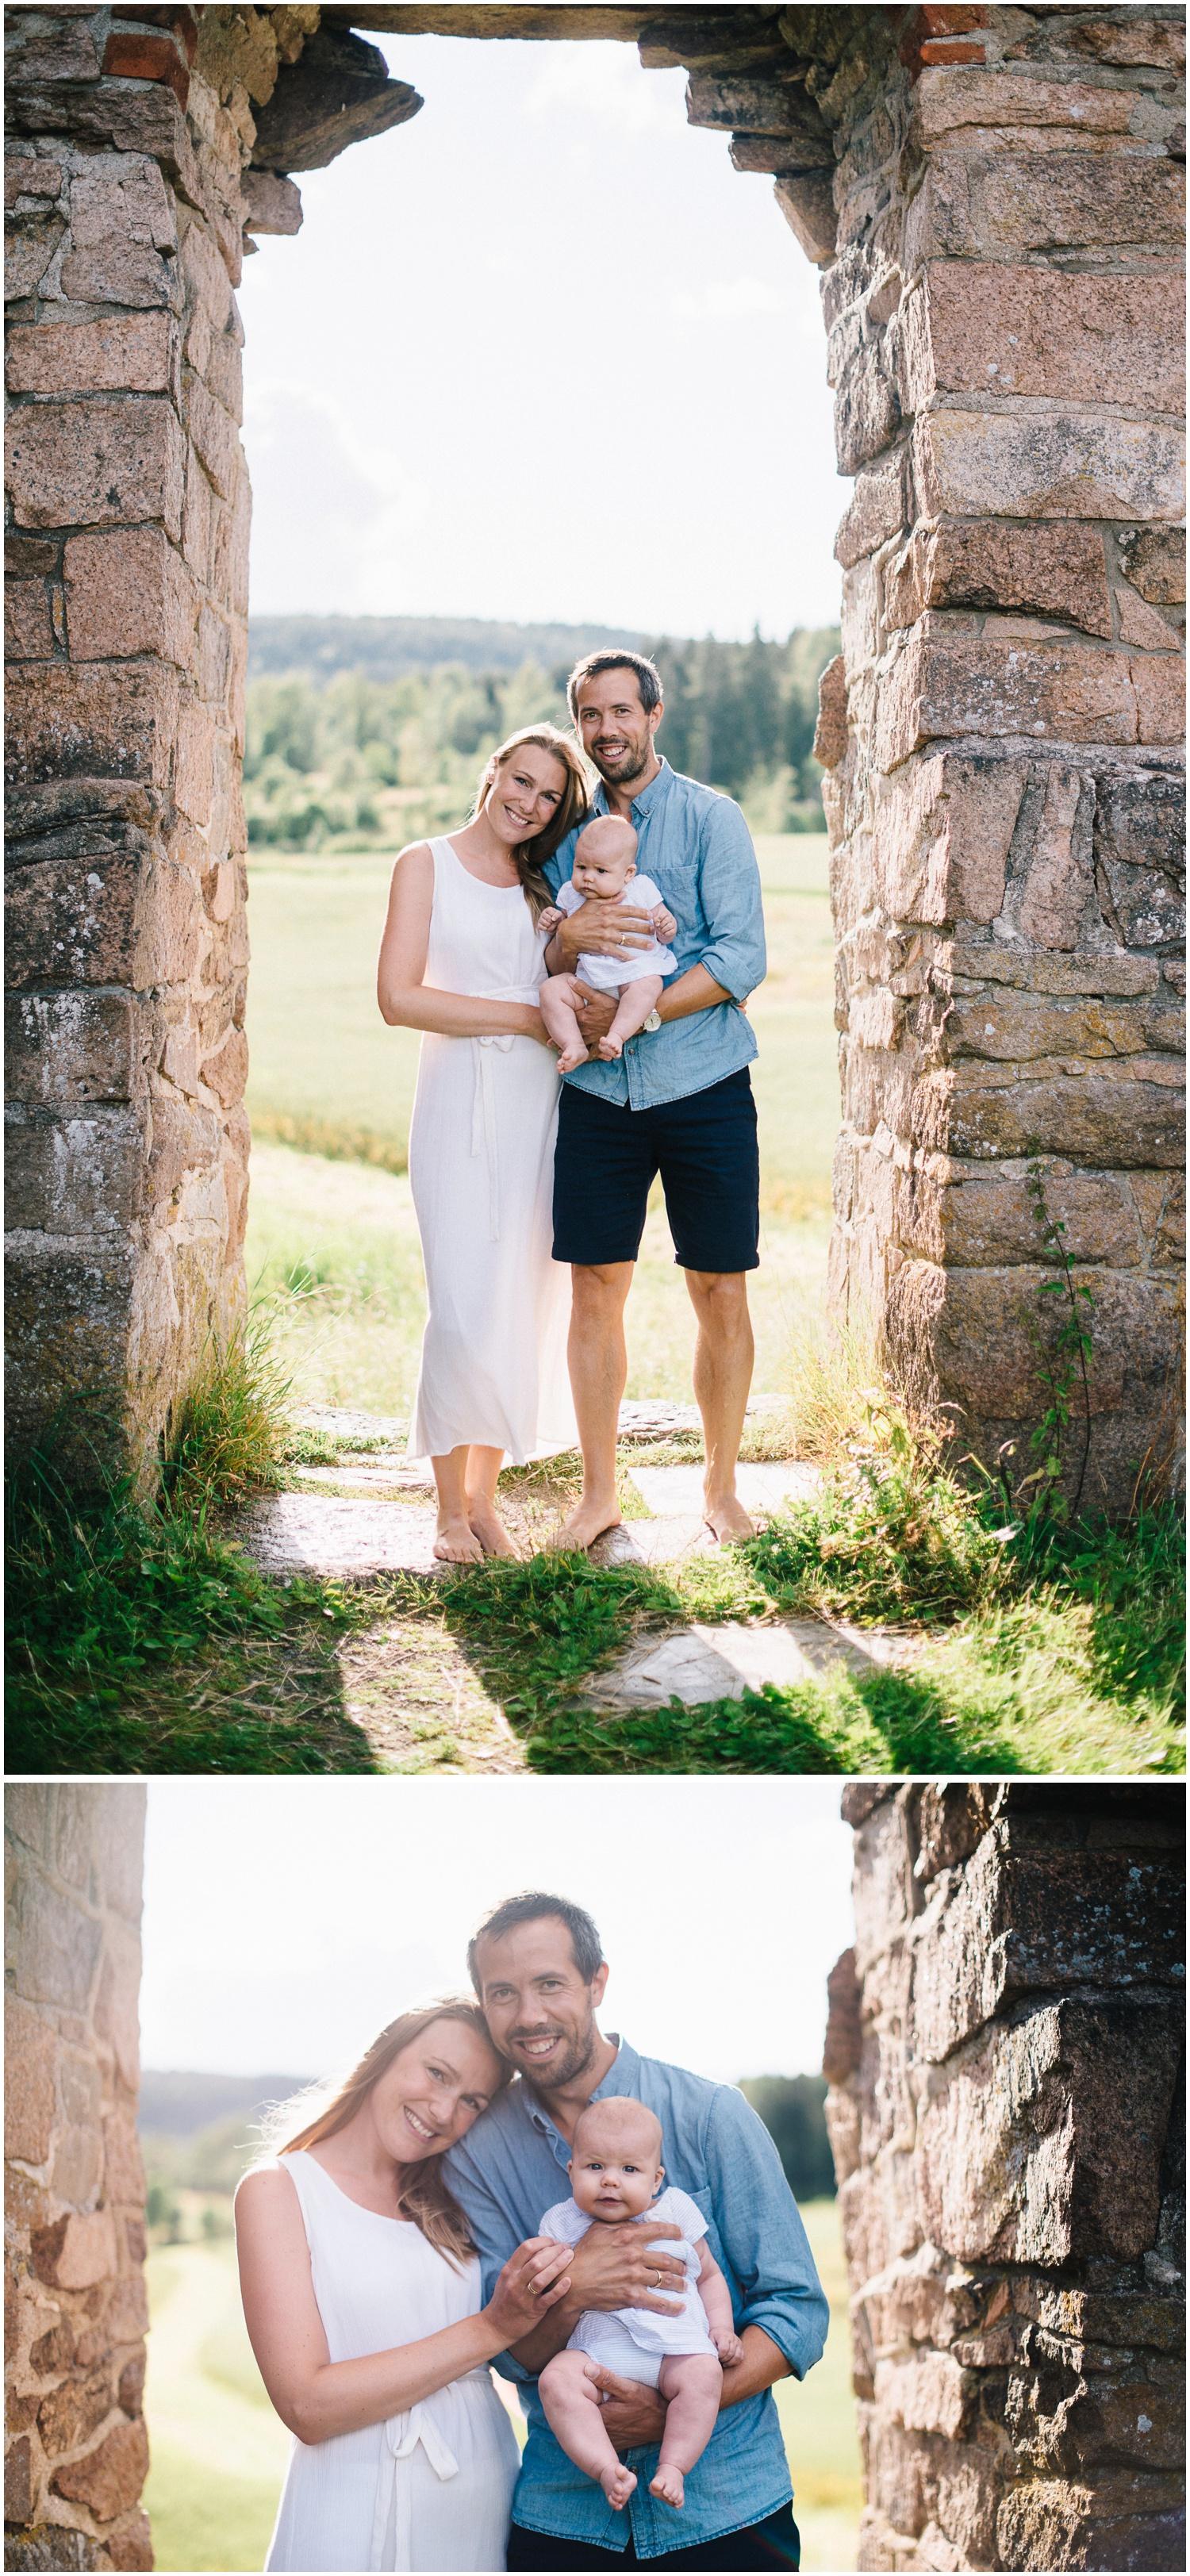 Oslo Family Portraits www.trentandjessie.com_0020.jpg